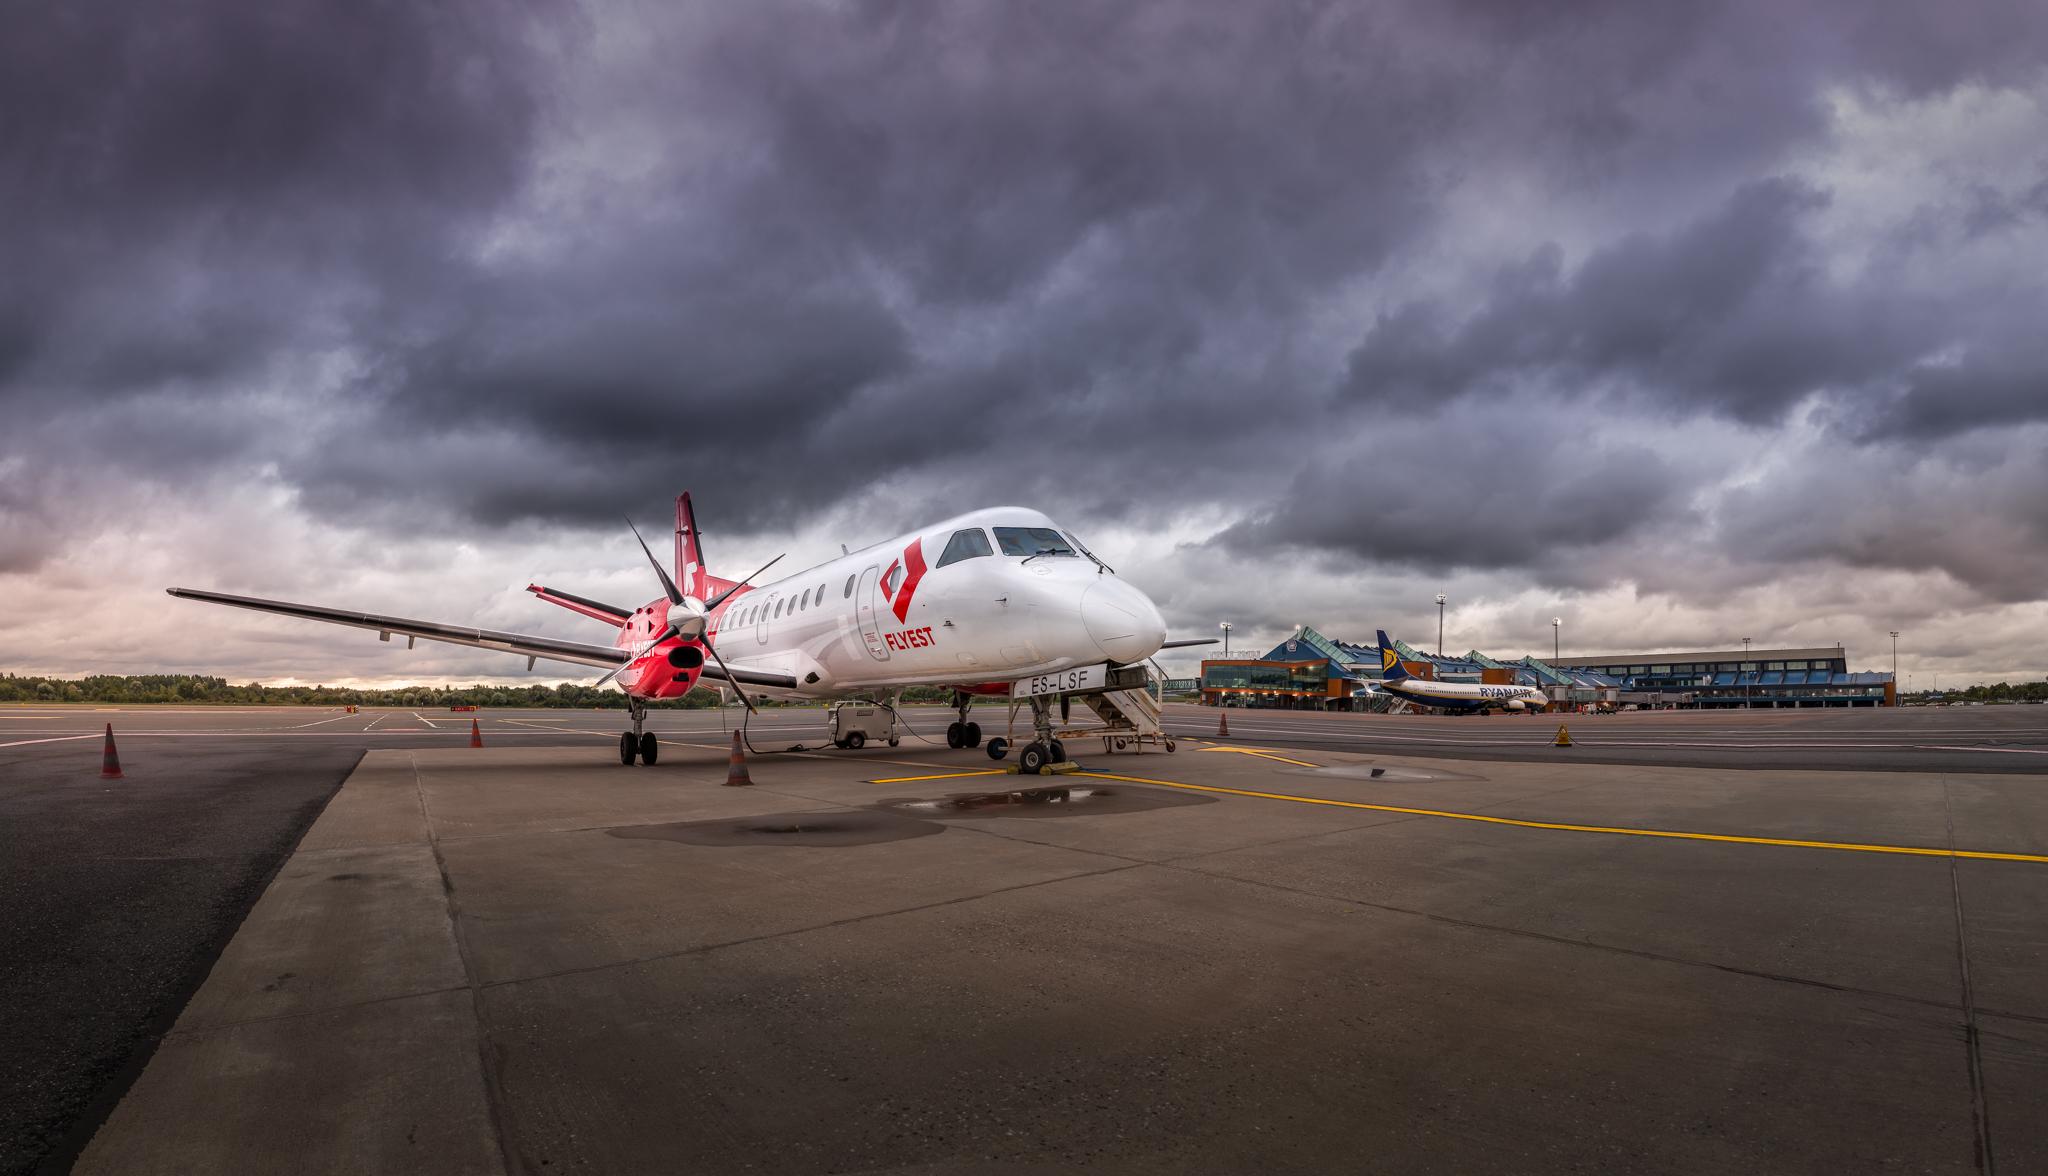 AS Airest tegi majandus- ja kommunikatsiooniministeeriumile pakkumise lendamiseks Tallinn-Kuresaare ja Tallinn-Kärdla lennuliinidel lennukiga SAAB 340. Esialgu ei olnud ettevõttel plaanis hankel osaleda, kuna vastavalt tingimustele ootas ministeerium pakkumisi 19-kohalise lennuki […]